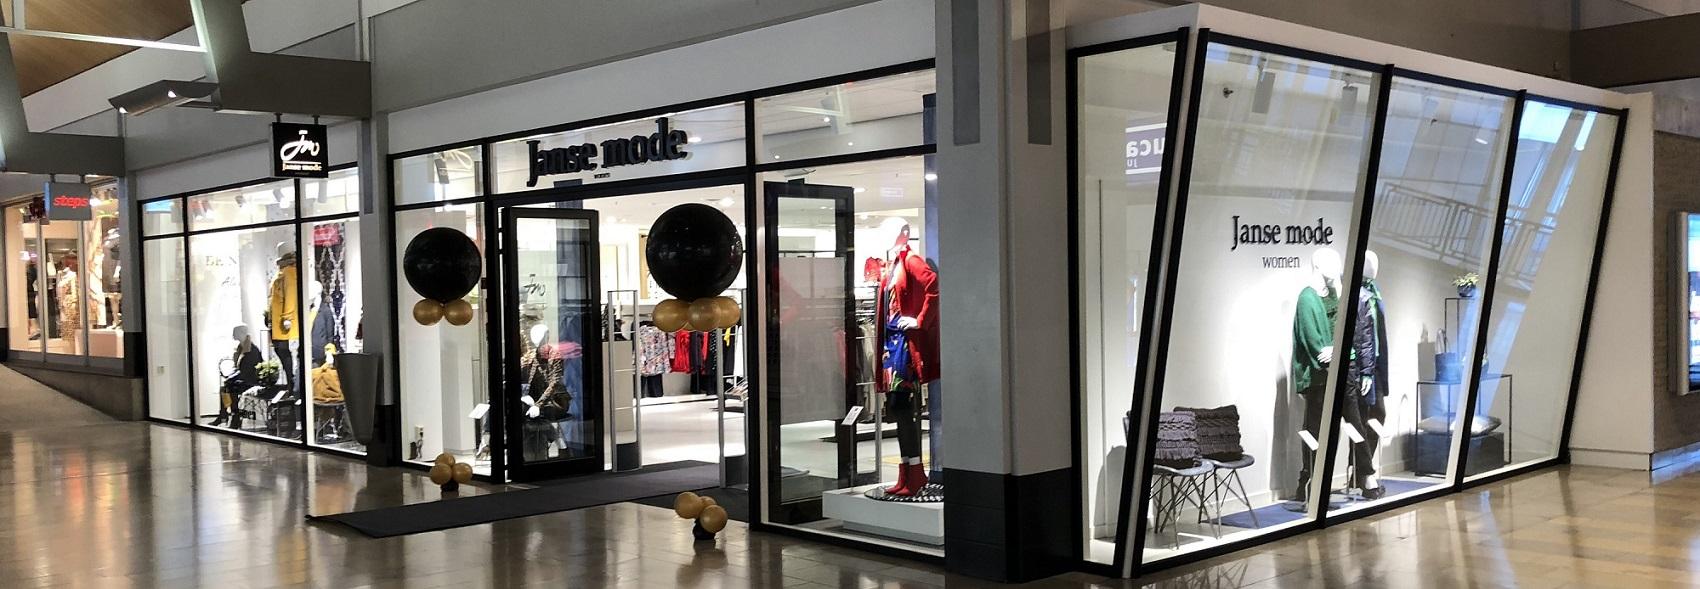 Dames Kleding Winkel.Rotterdam Winkels Algemeen Janse Mode